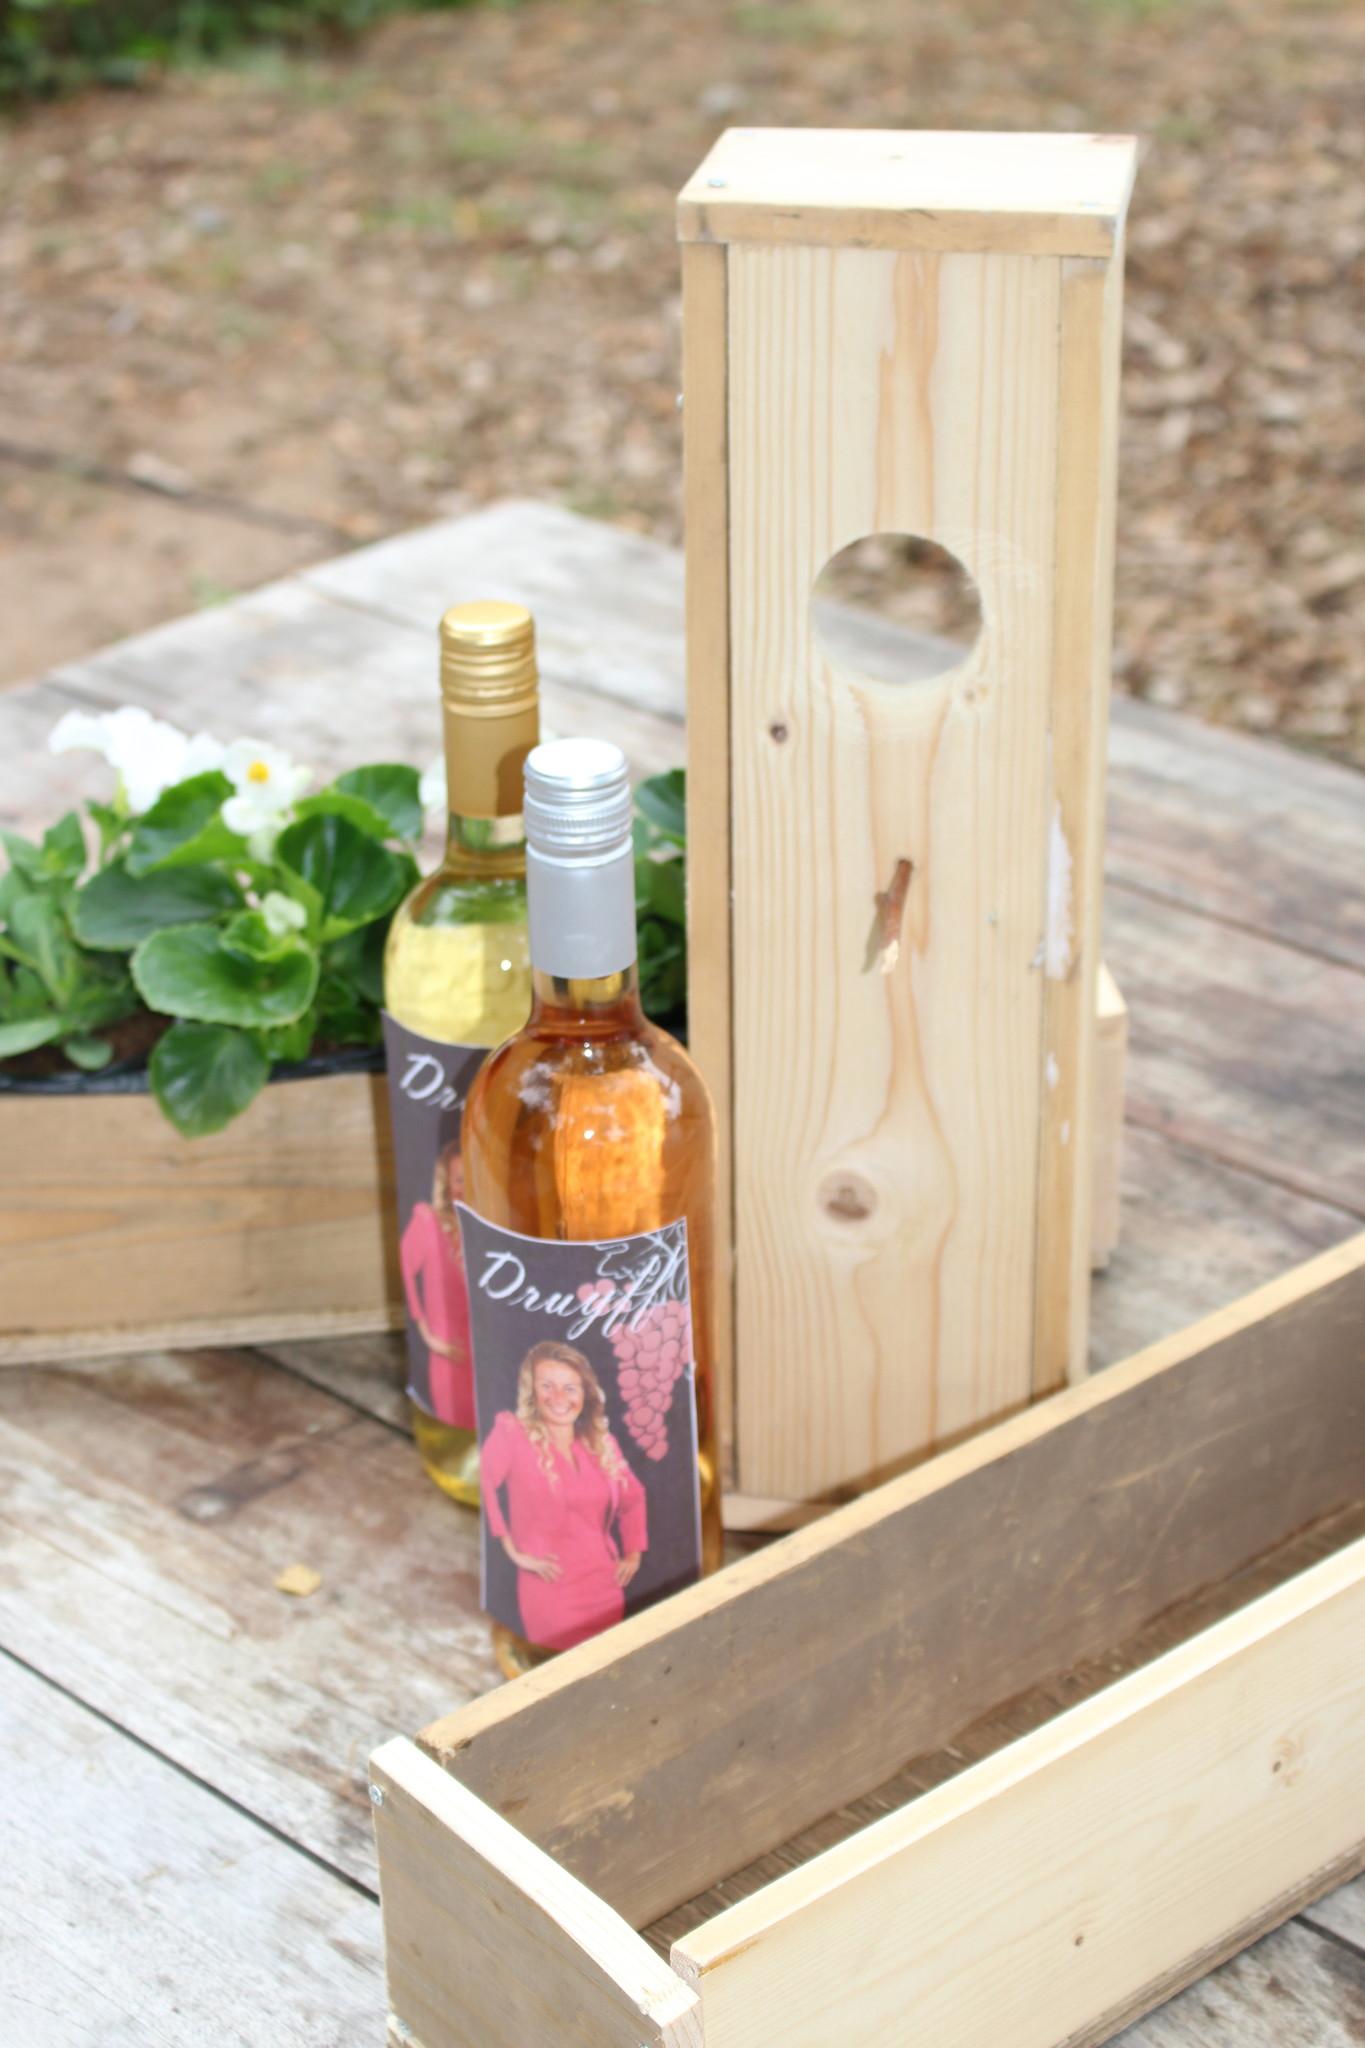 Druyff wijnen (rosé / droge witte wijn)